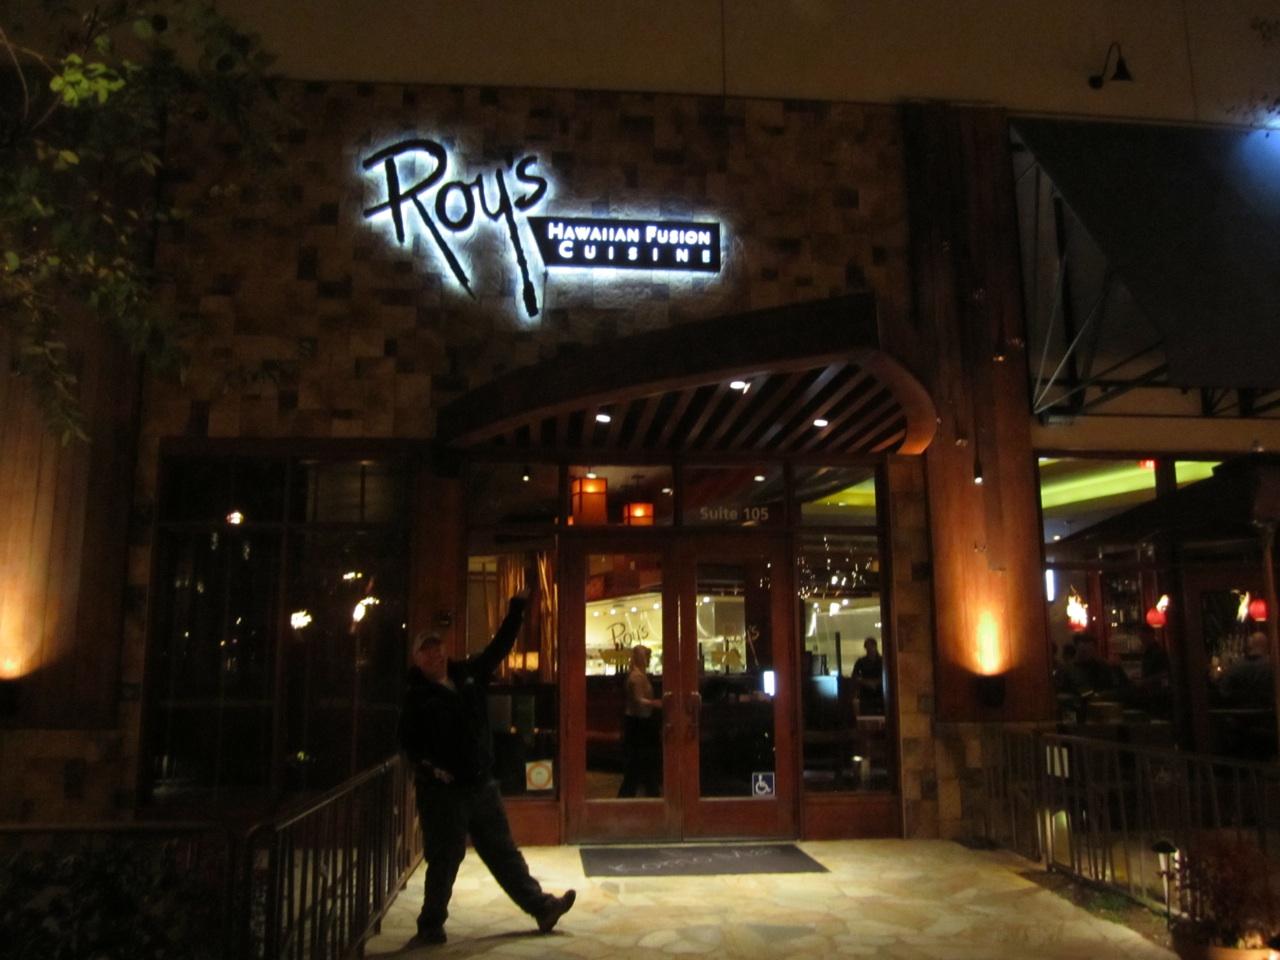 David Outside Roy's Restaurant In The Garden Walk In Anaheim, CA